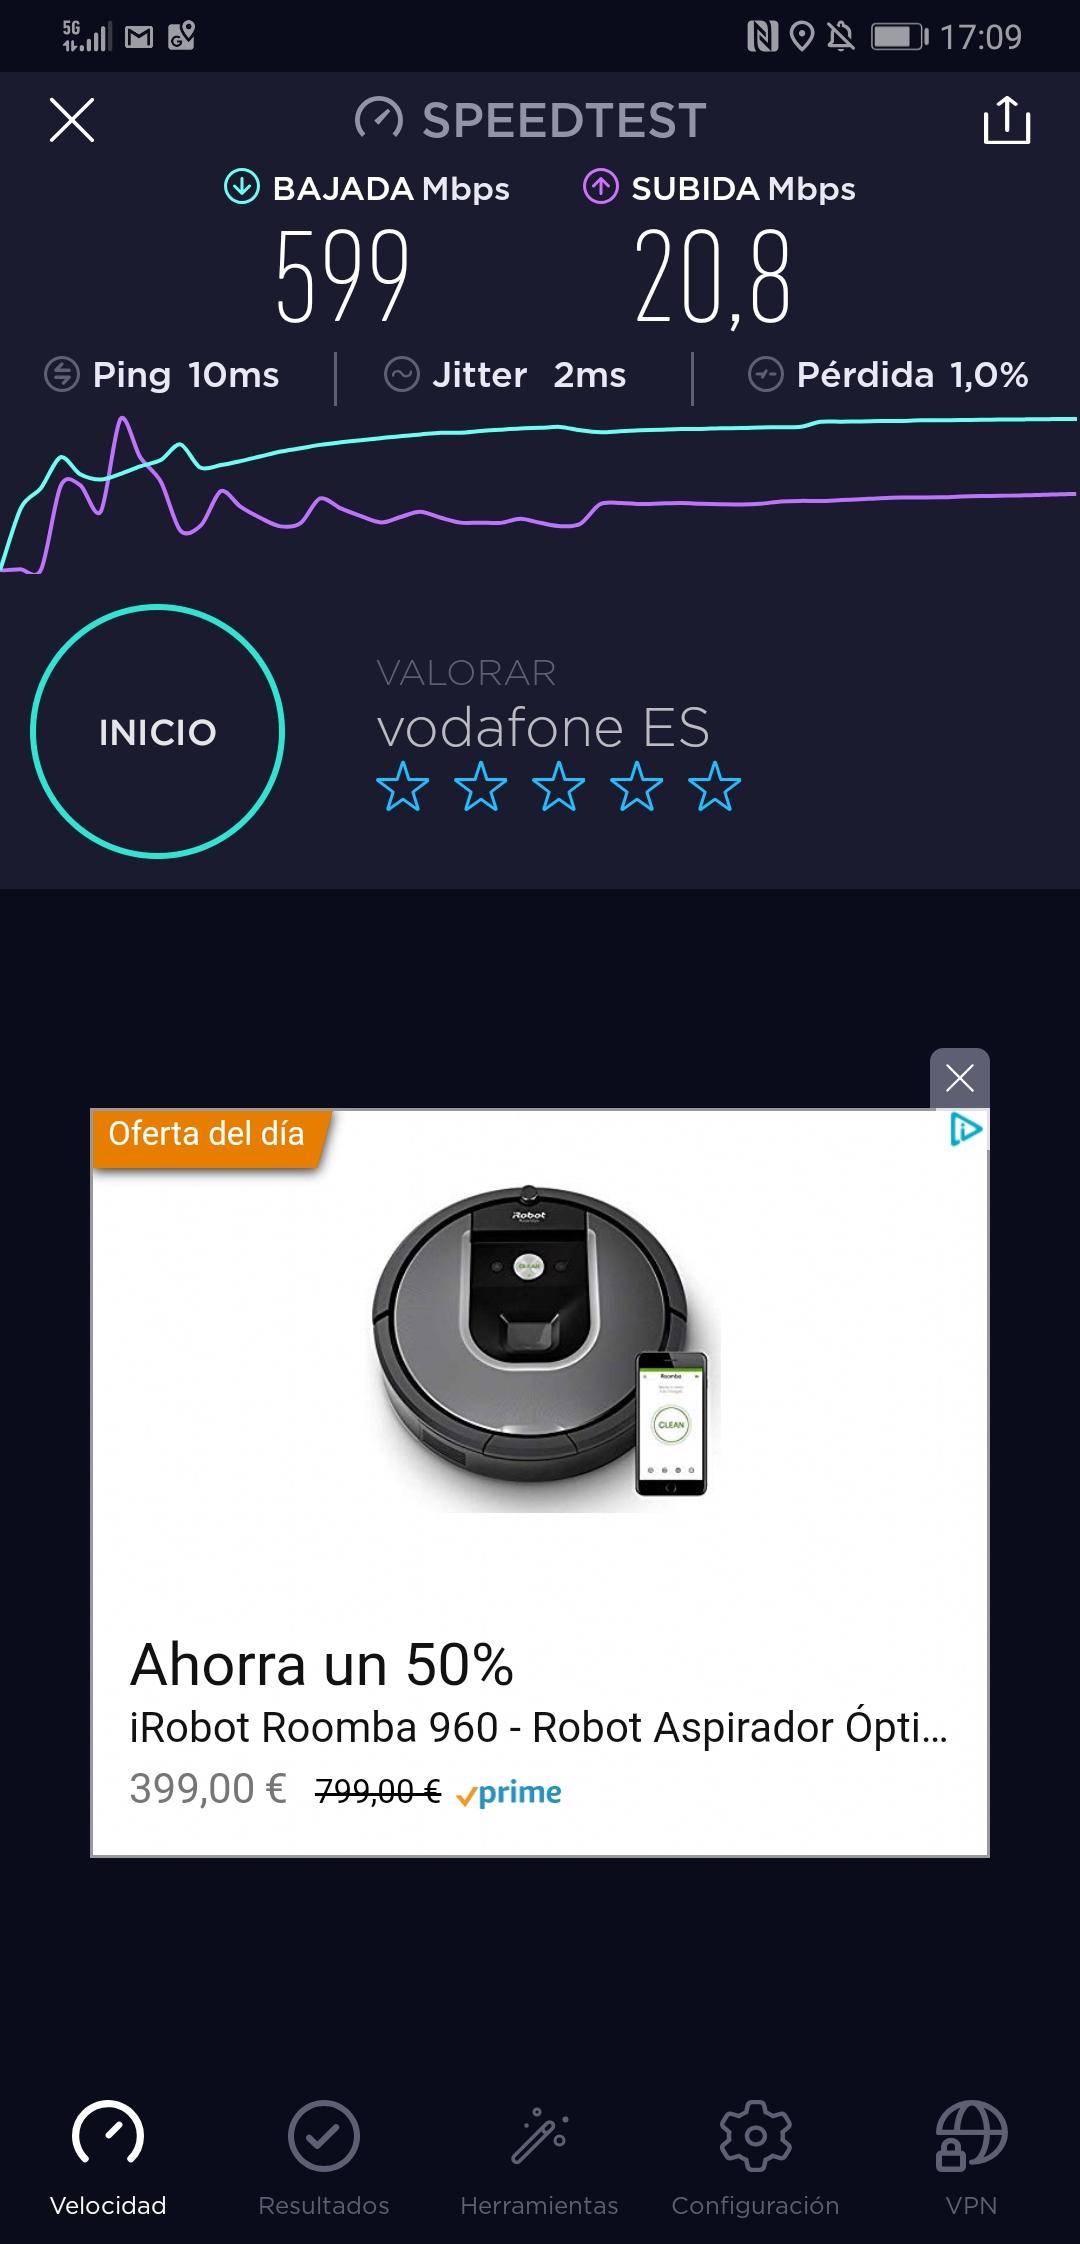 Huawei Mate 20X 5G, təhlil və rəy 1